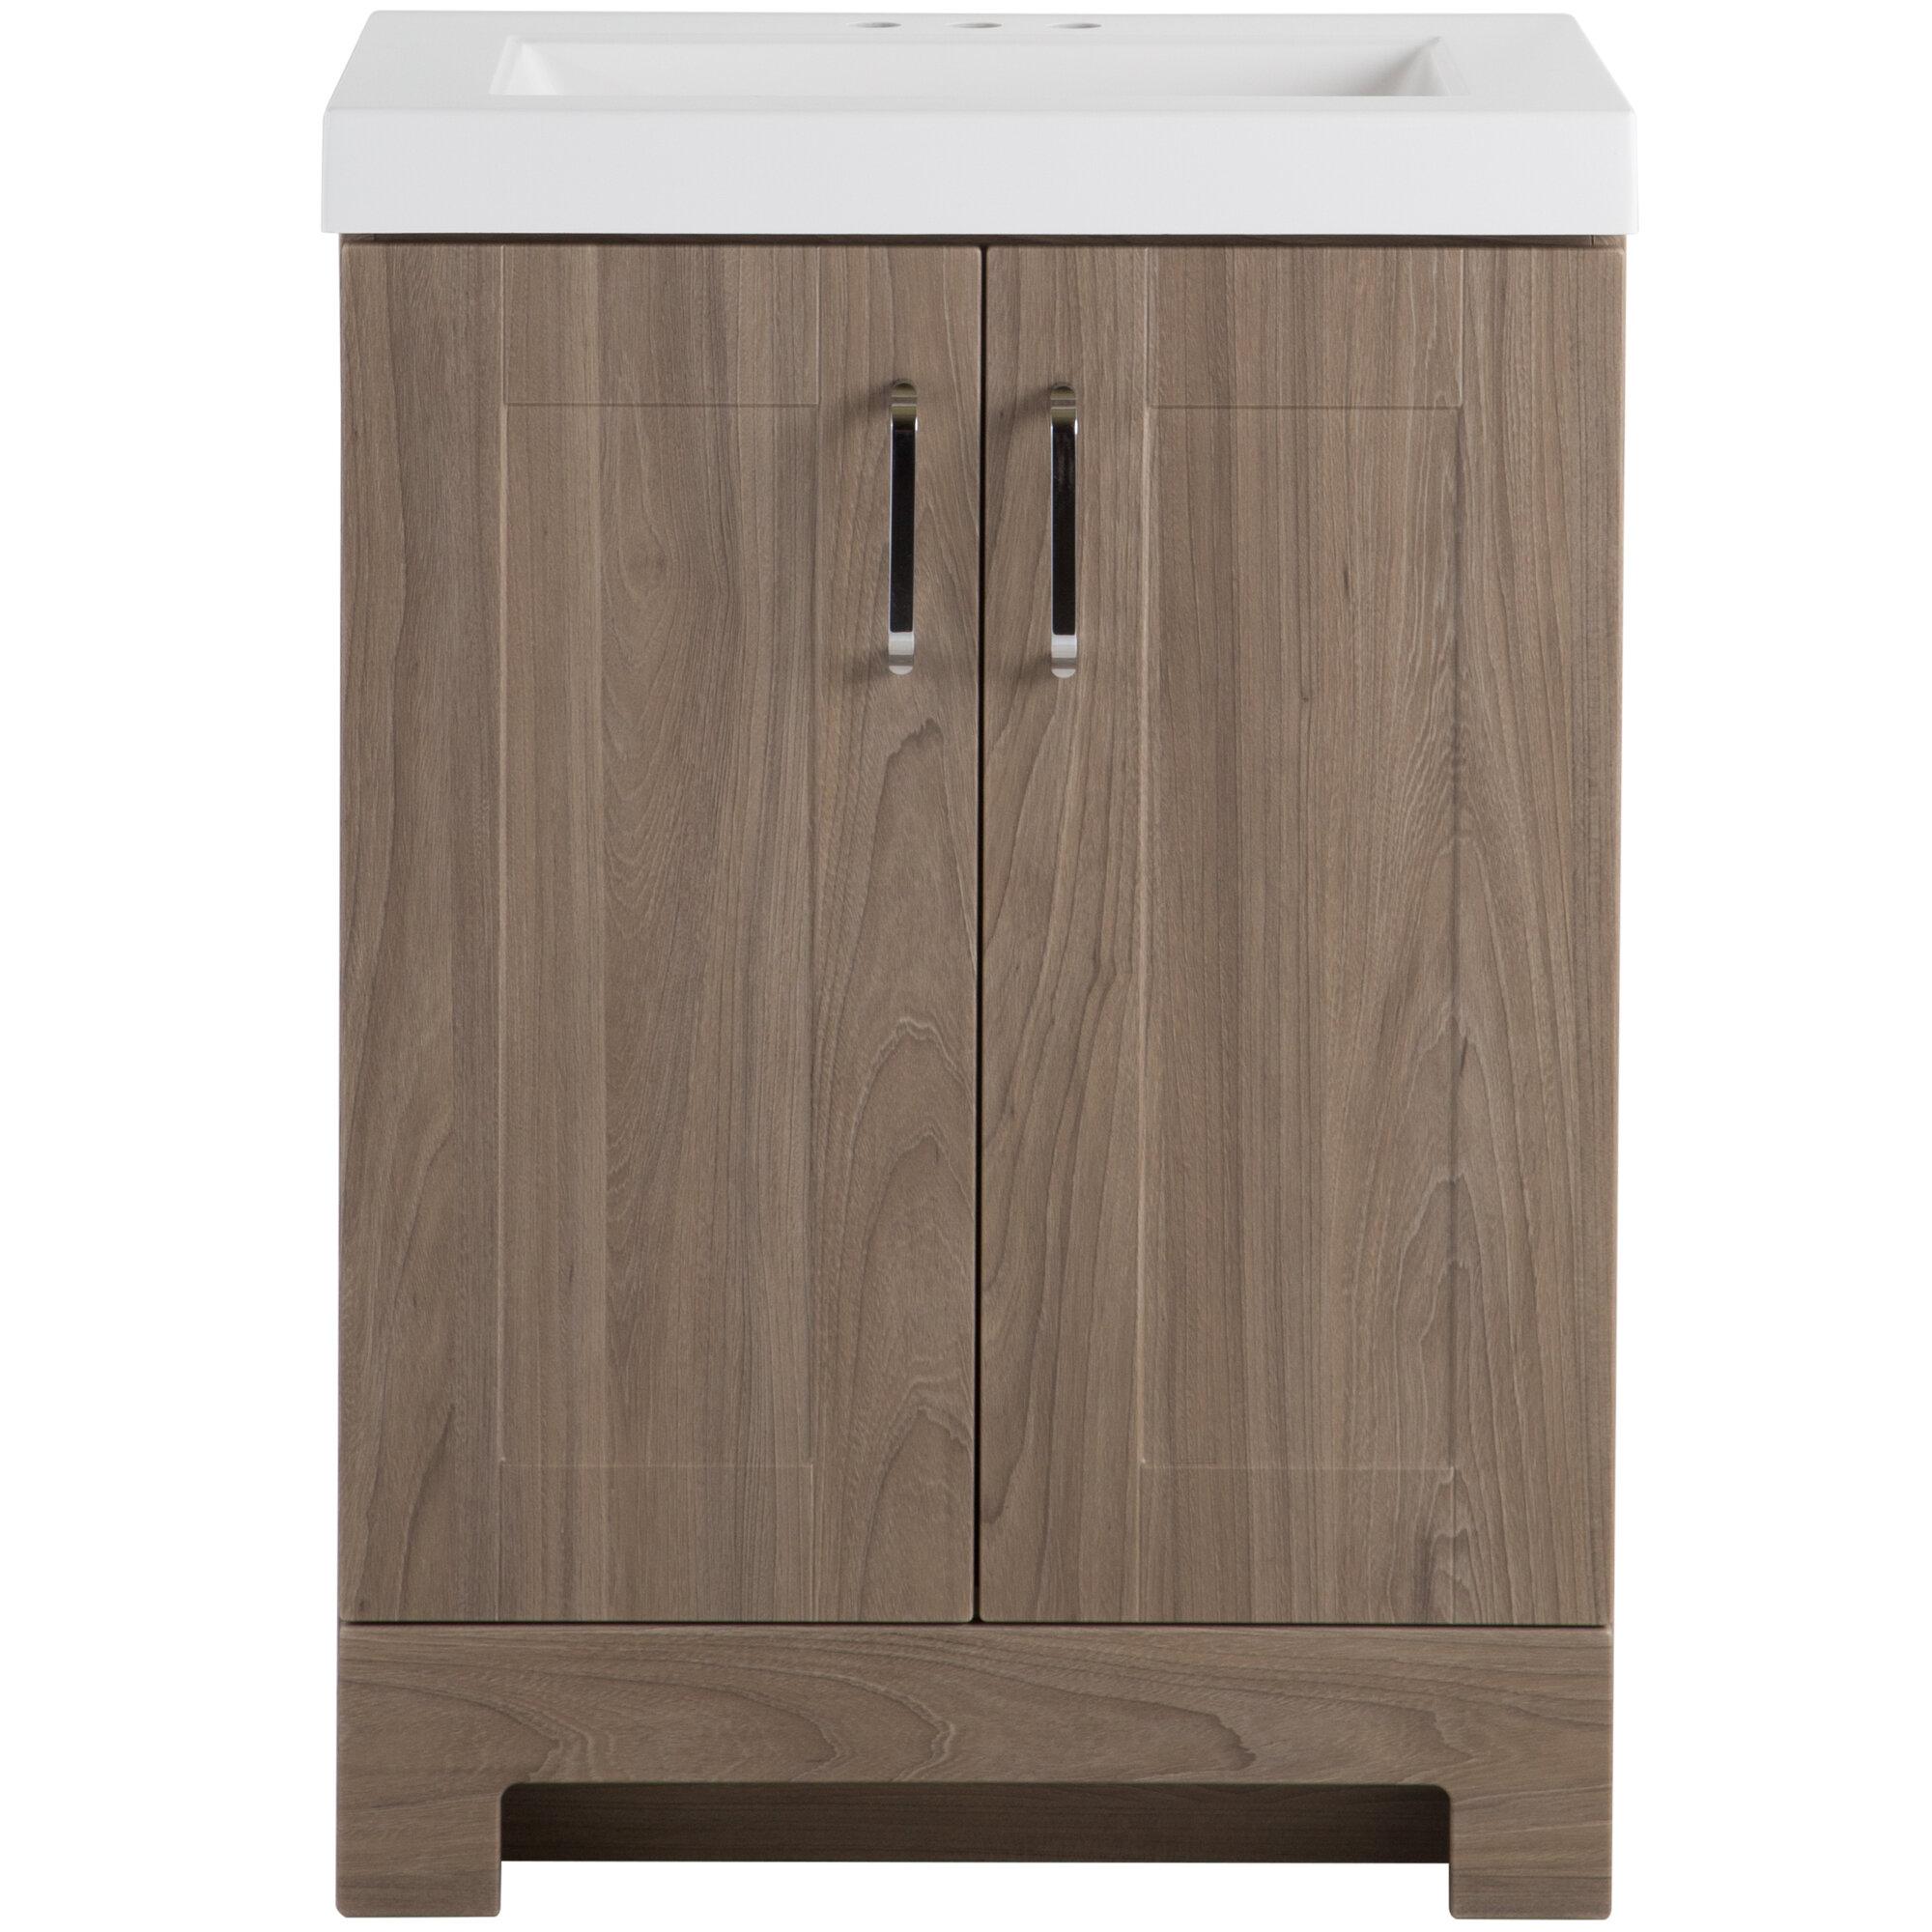 nels 25 single bathroom vanity set reviews joss main rh jossandmain com 25 bathroom vanity mirror 25 bathroom vanity with drawers